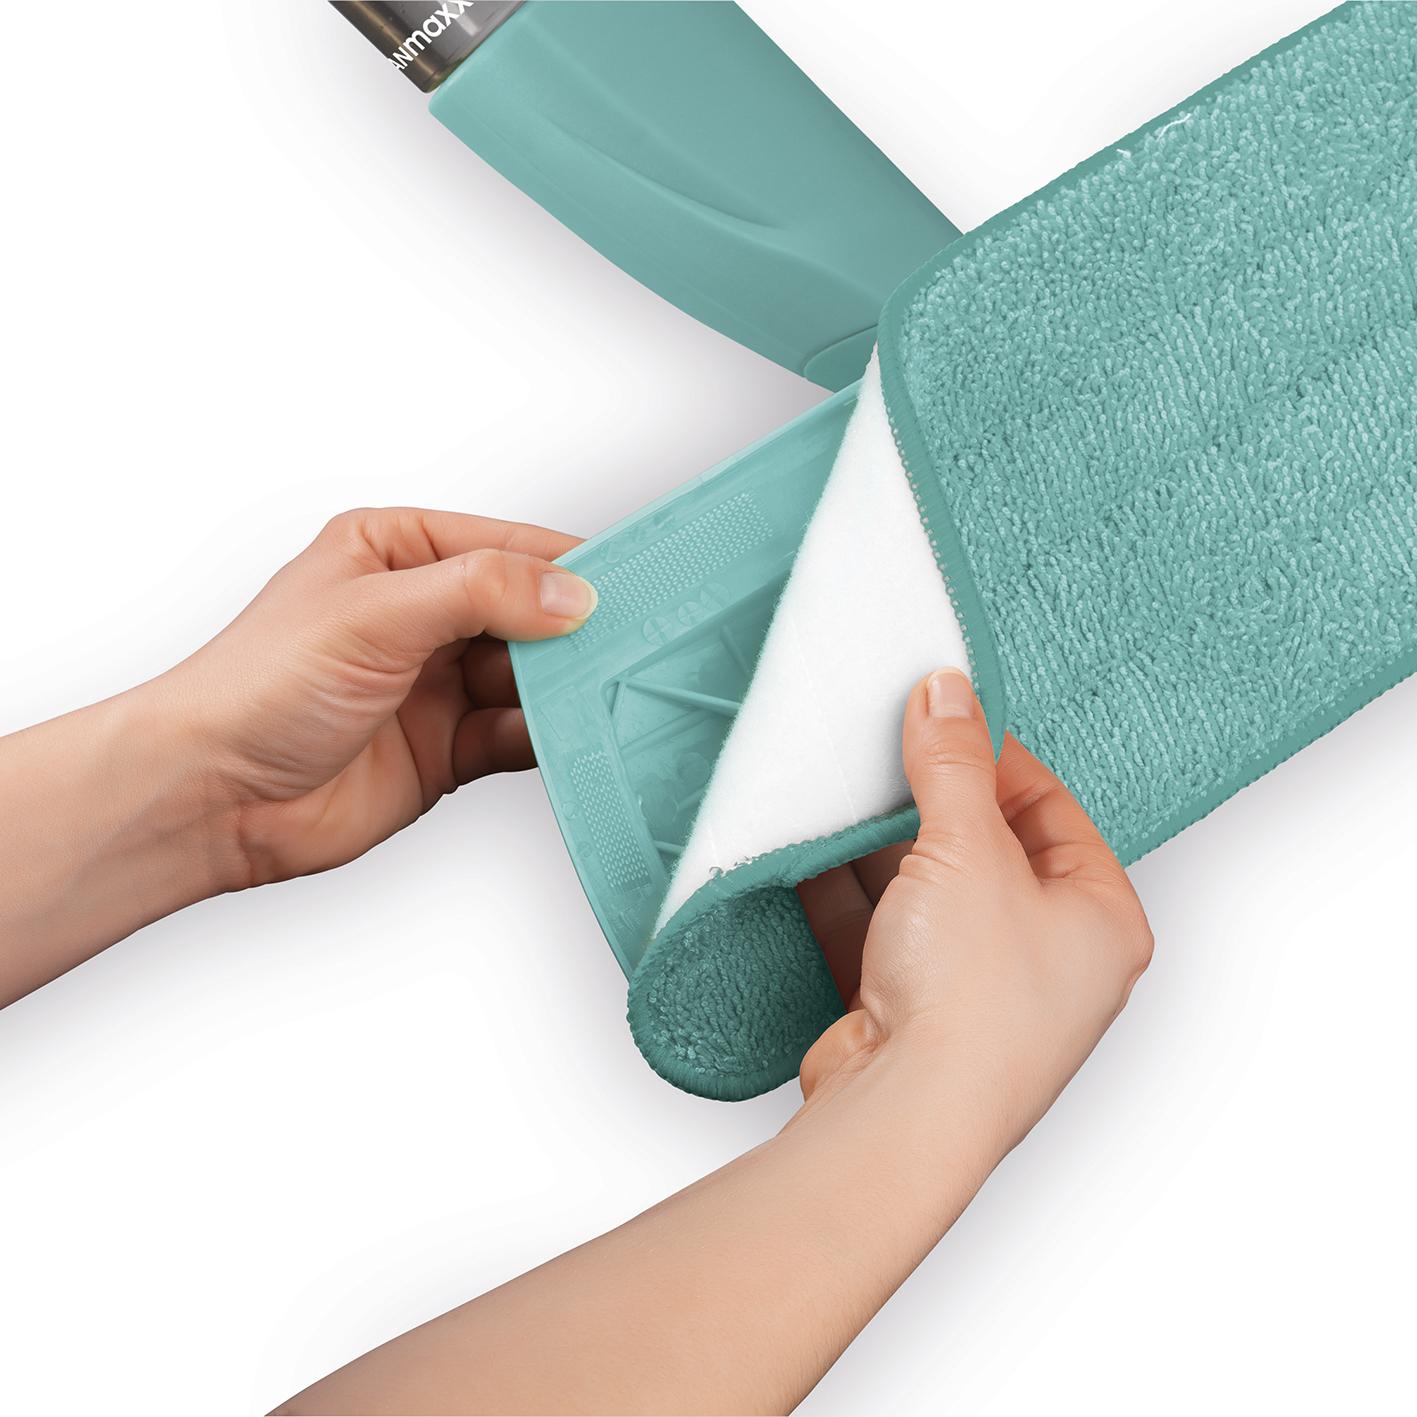 cleanmaxx spray mopp mit 600ml tank wischer mob spr hen. Black Bedroom Furniture Sets. Home Design Ideas